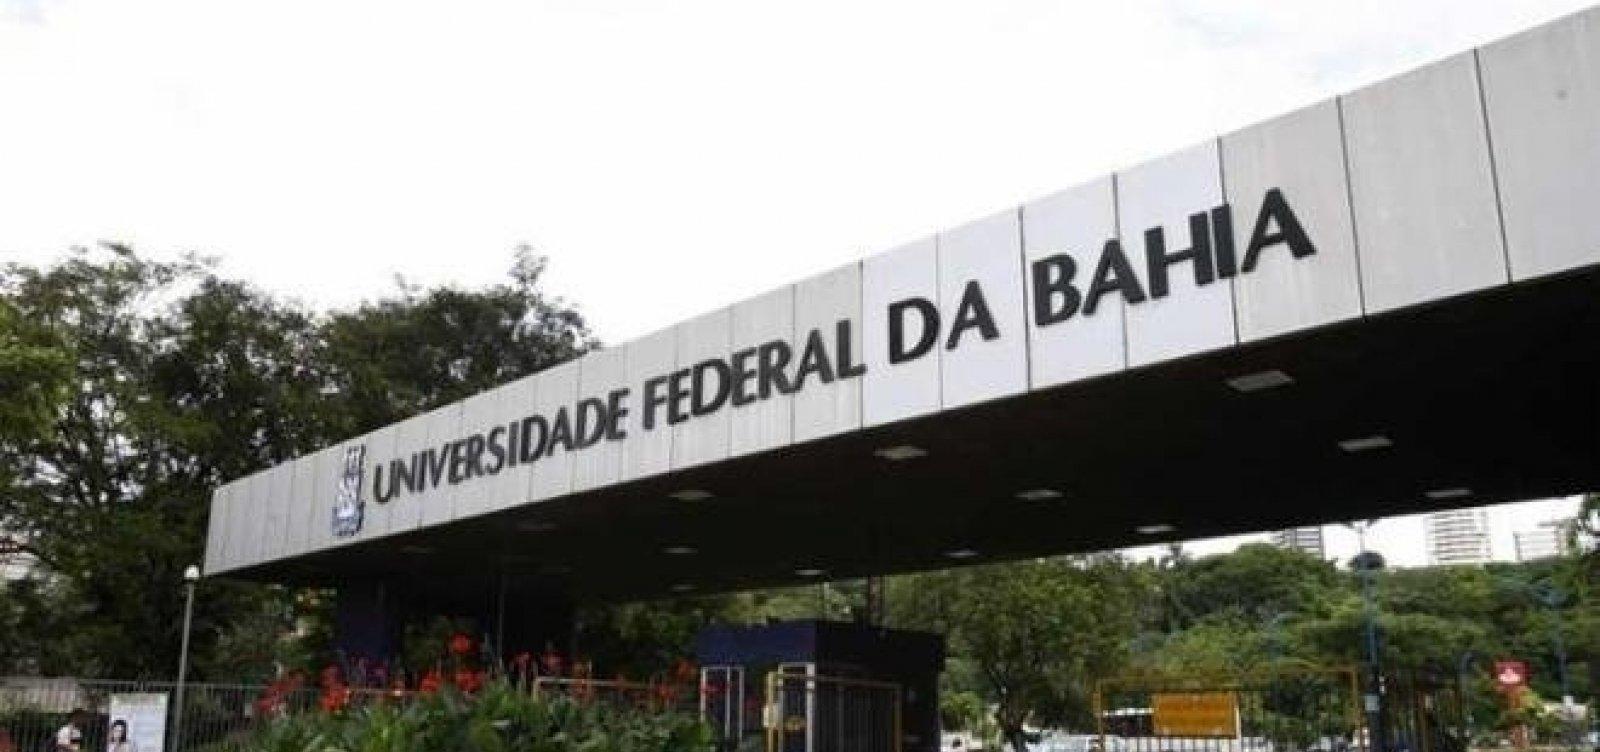 Apub repudia corte de verbas na Ufba pelo MEC: 'É uma chantagem'